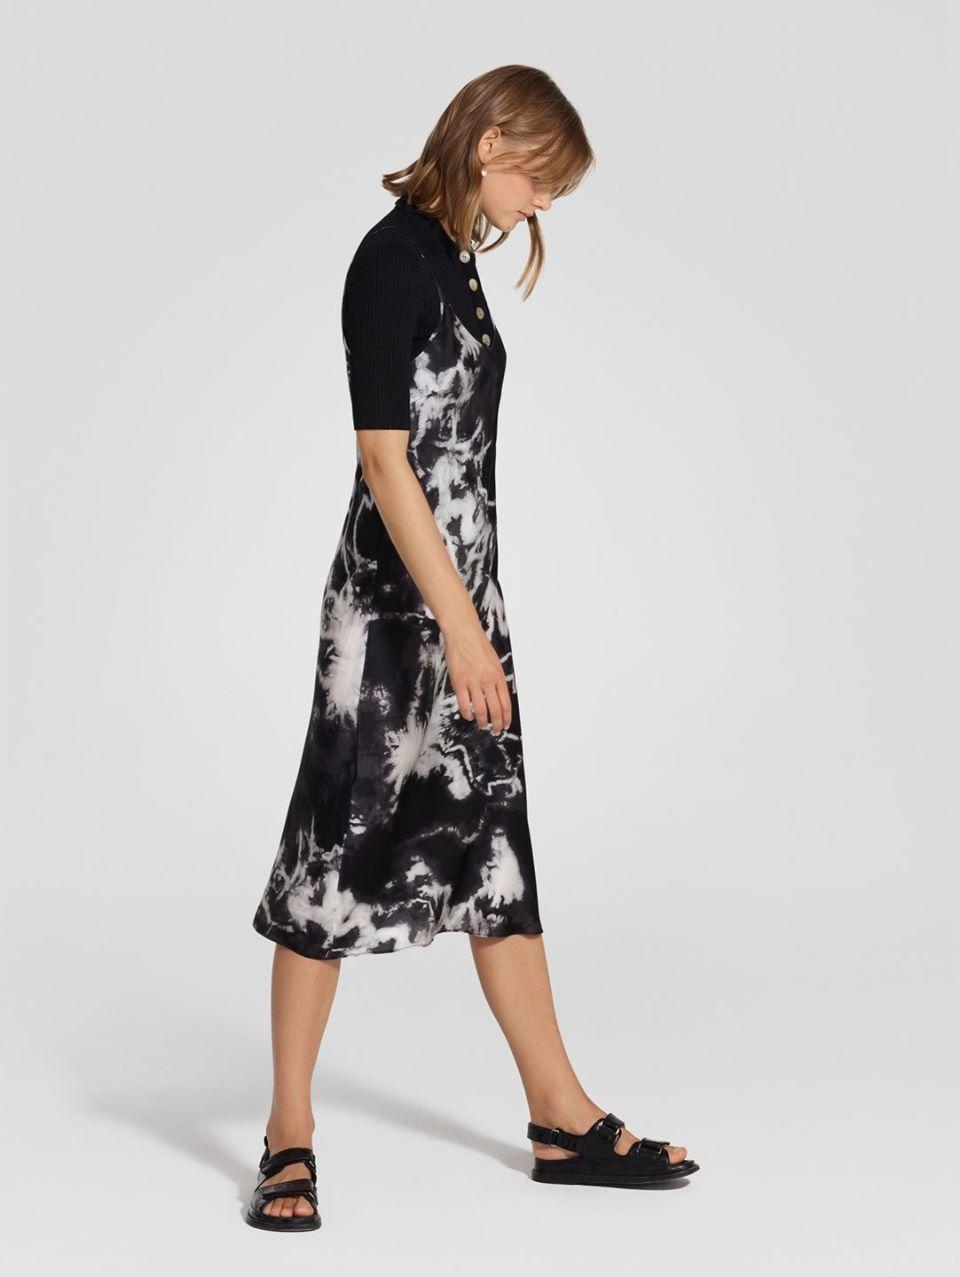 Silk Bias Cut Dress Tie Dye Black